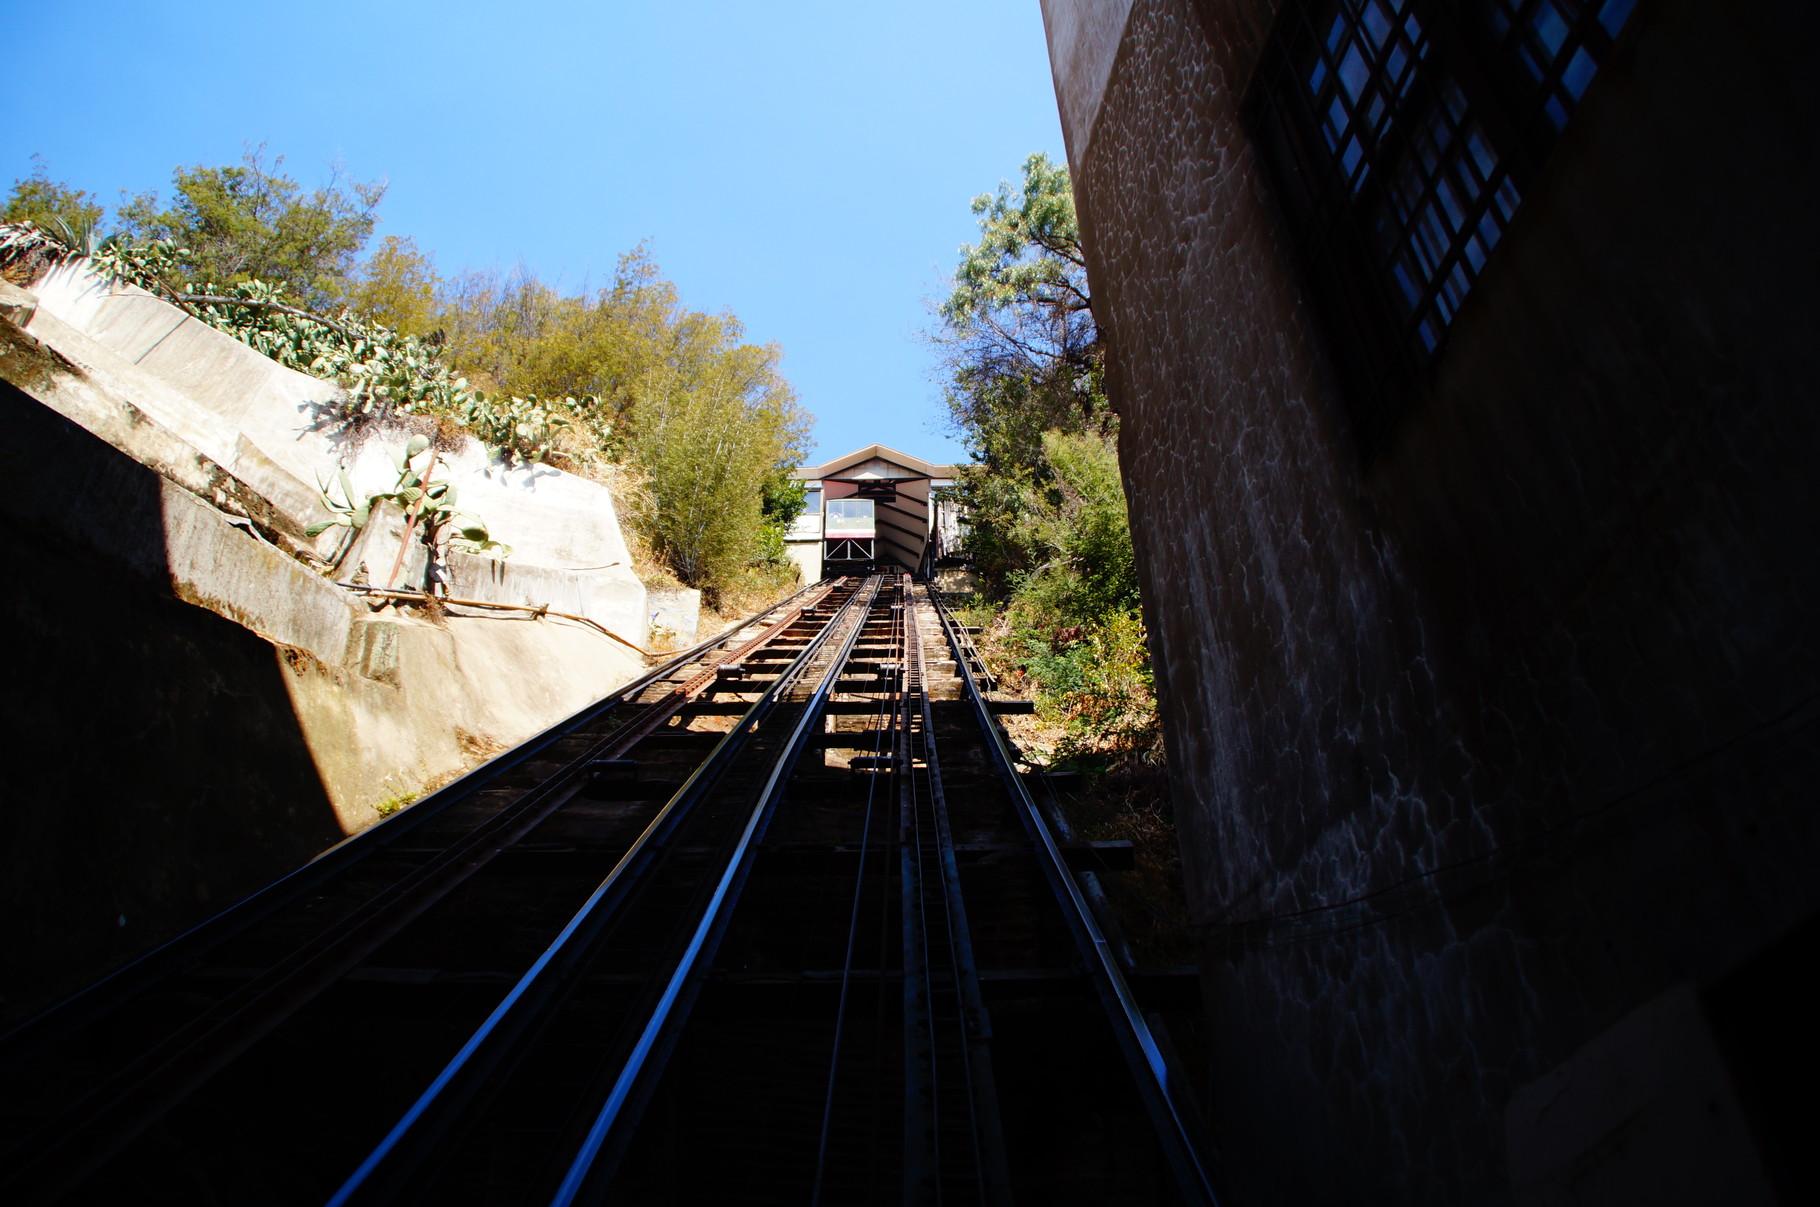 Die Ascensores (Aufzüge) sind eines der Wahrzeichen von Valparaíso